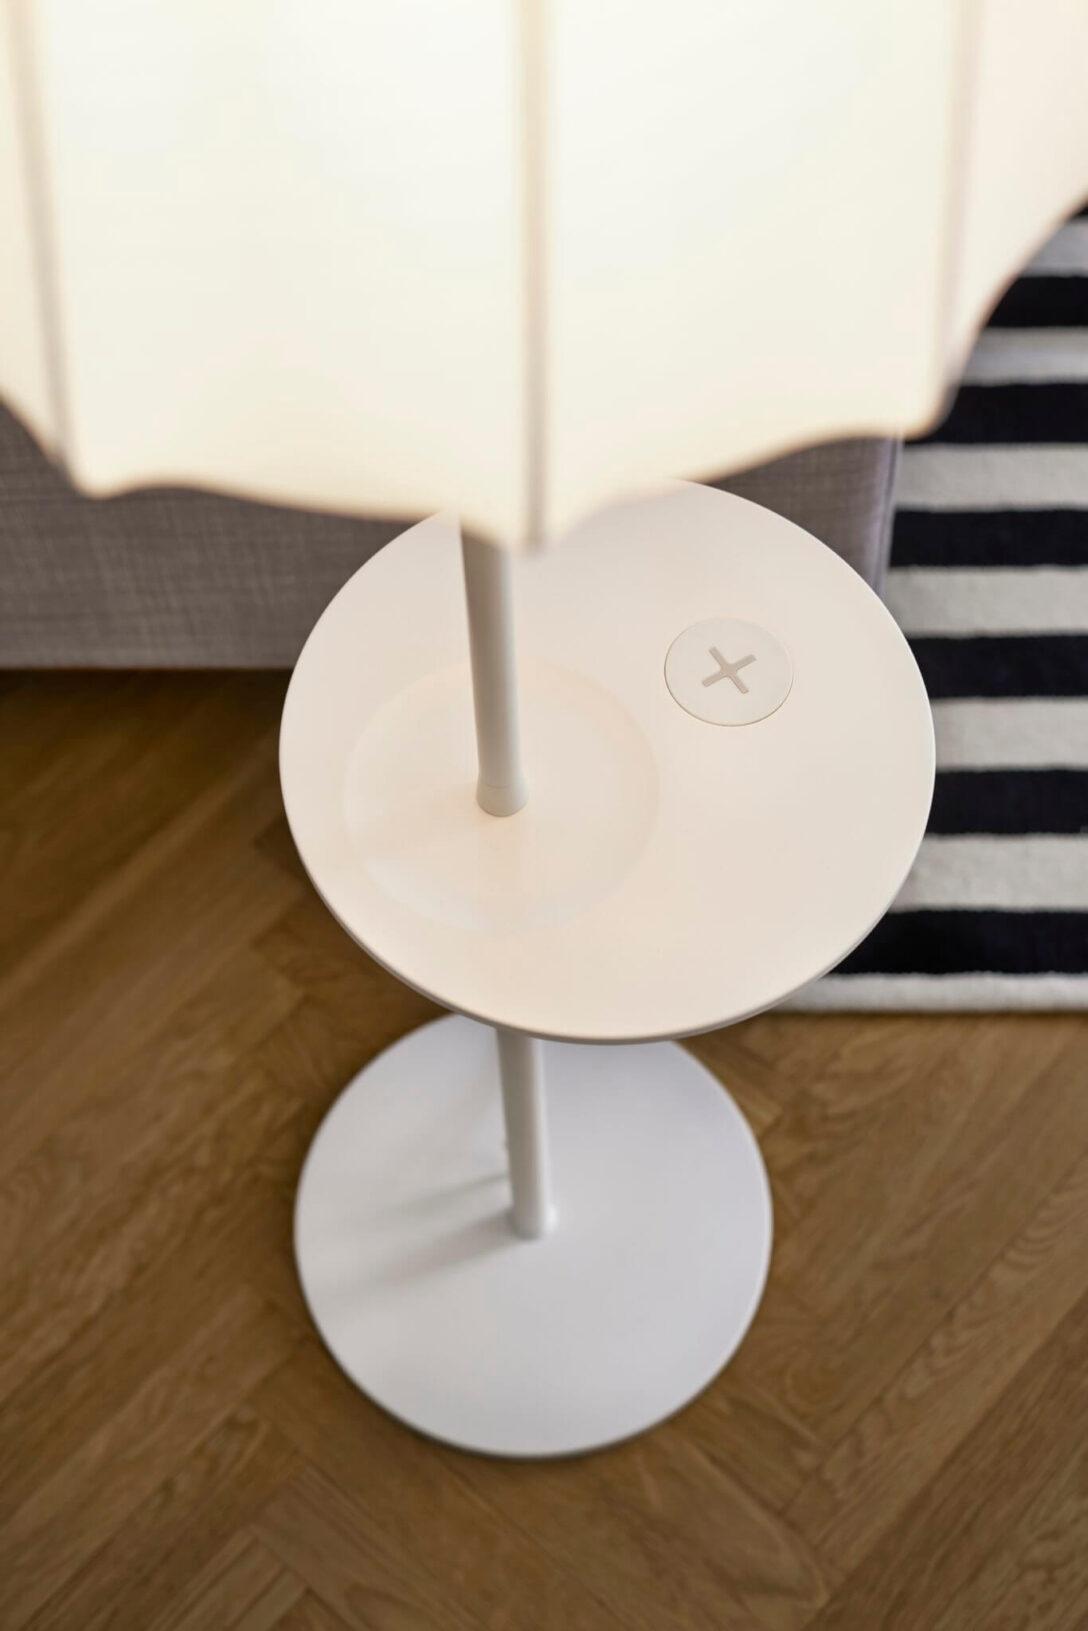 Large Size of Ikea Stehlampe Holz Lampen Und Tische Mit Qi Ladegert Ab April Massivholz Schlafzimmer Fliesen In Holzoptik Bad Esstisch Rustikal Miniküche Holzplatte Bett Wohnzimmer Ikea Stehlampe Holz